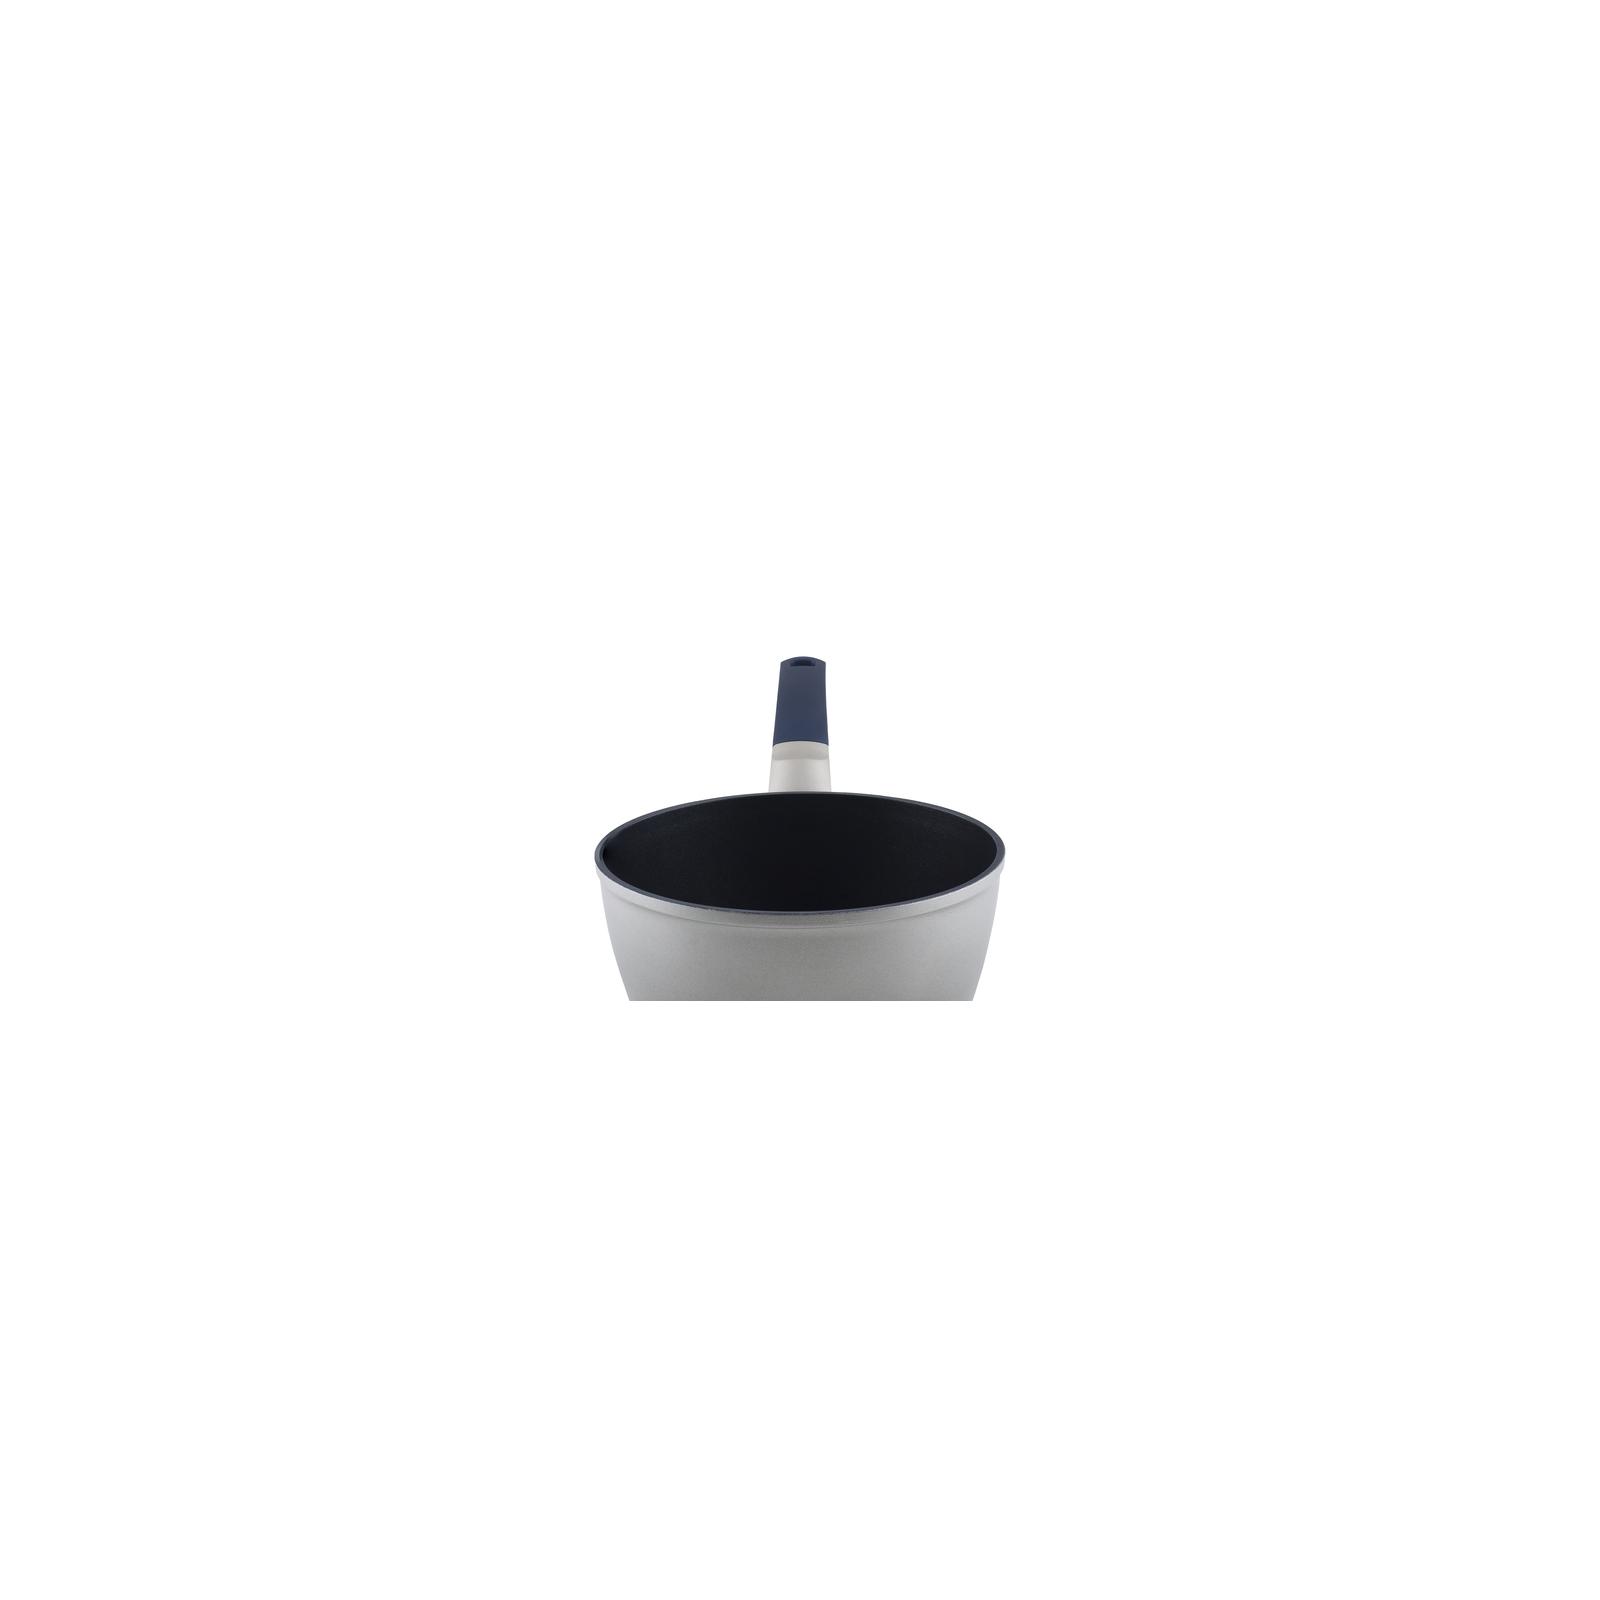 Ковш Ringel Vanille с крышкой 1.7 л (RG-4119-18) изображение 6